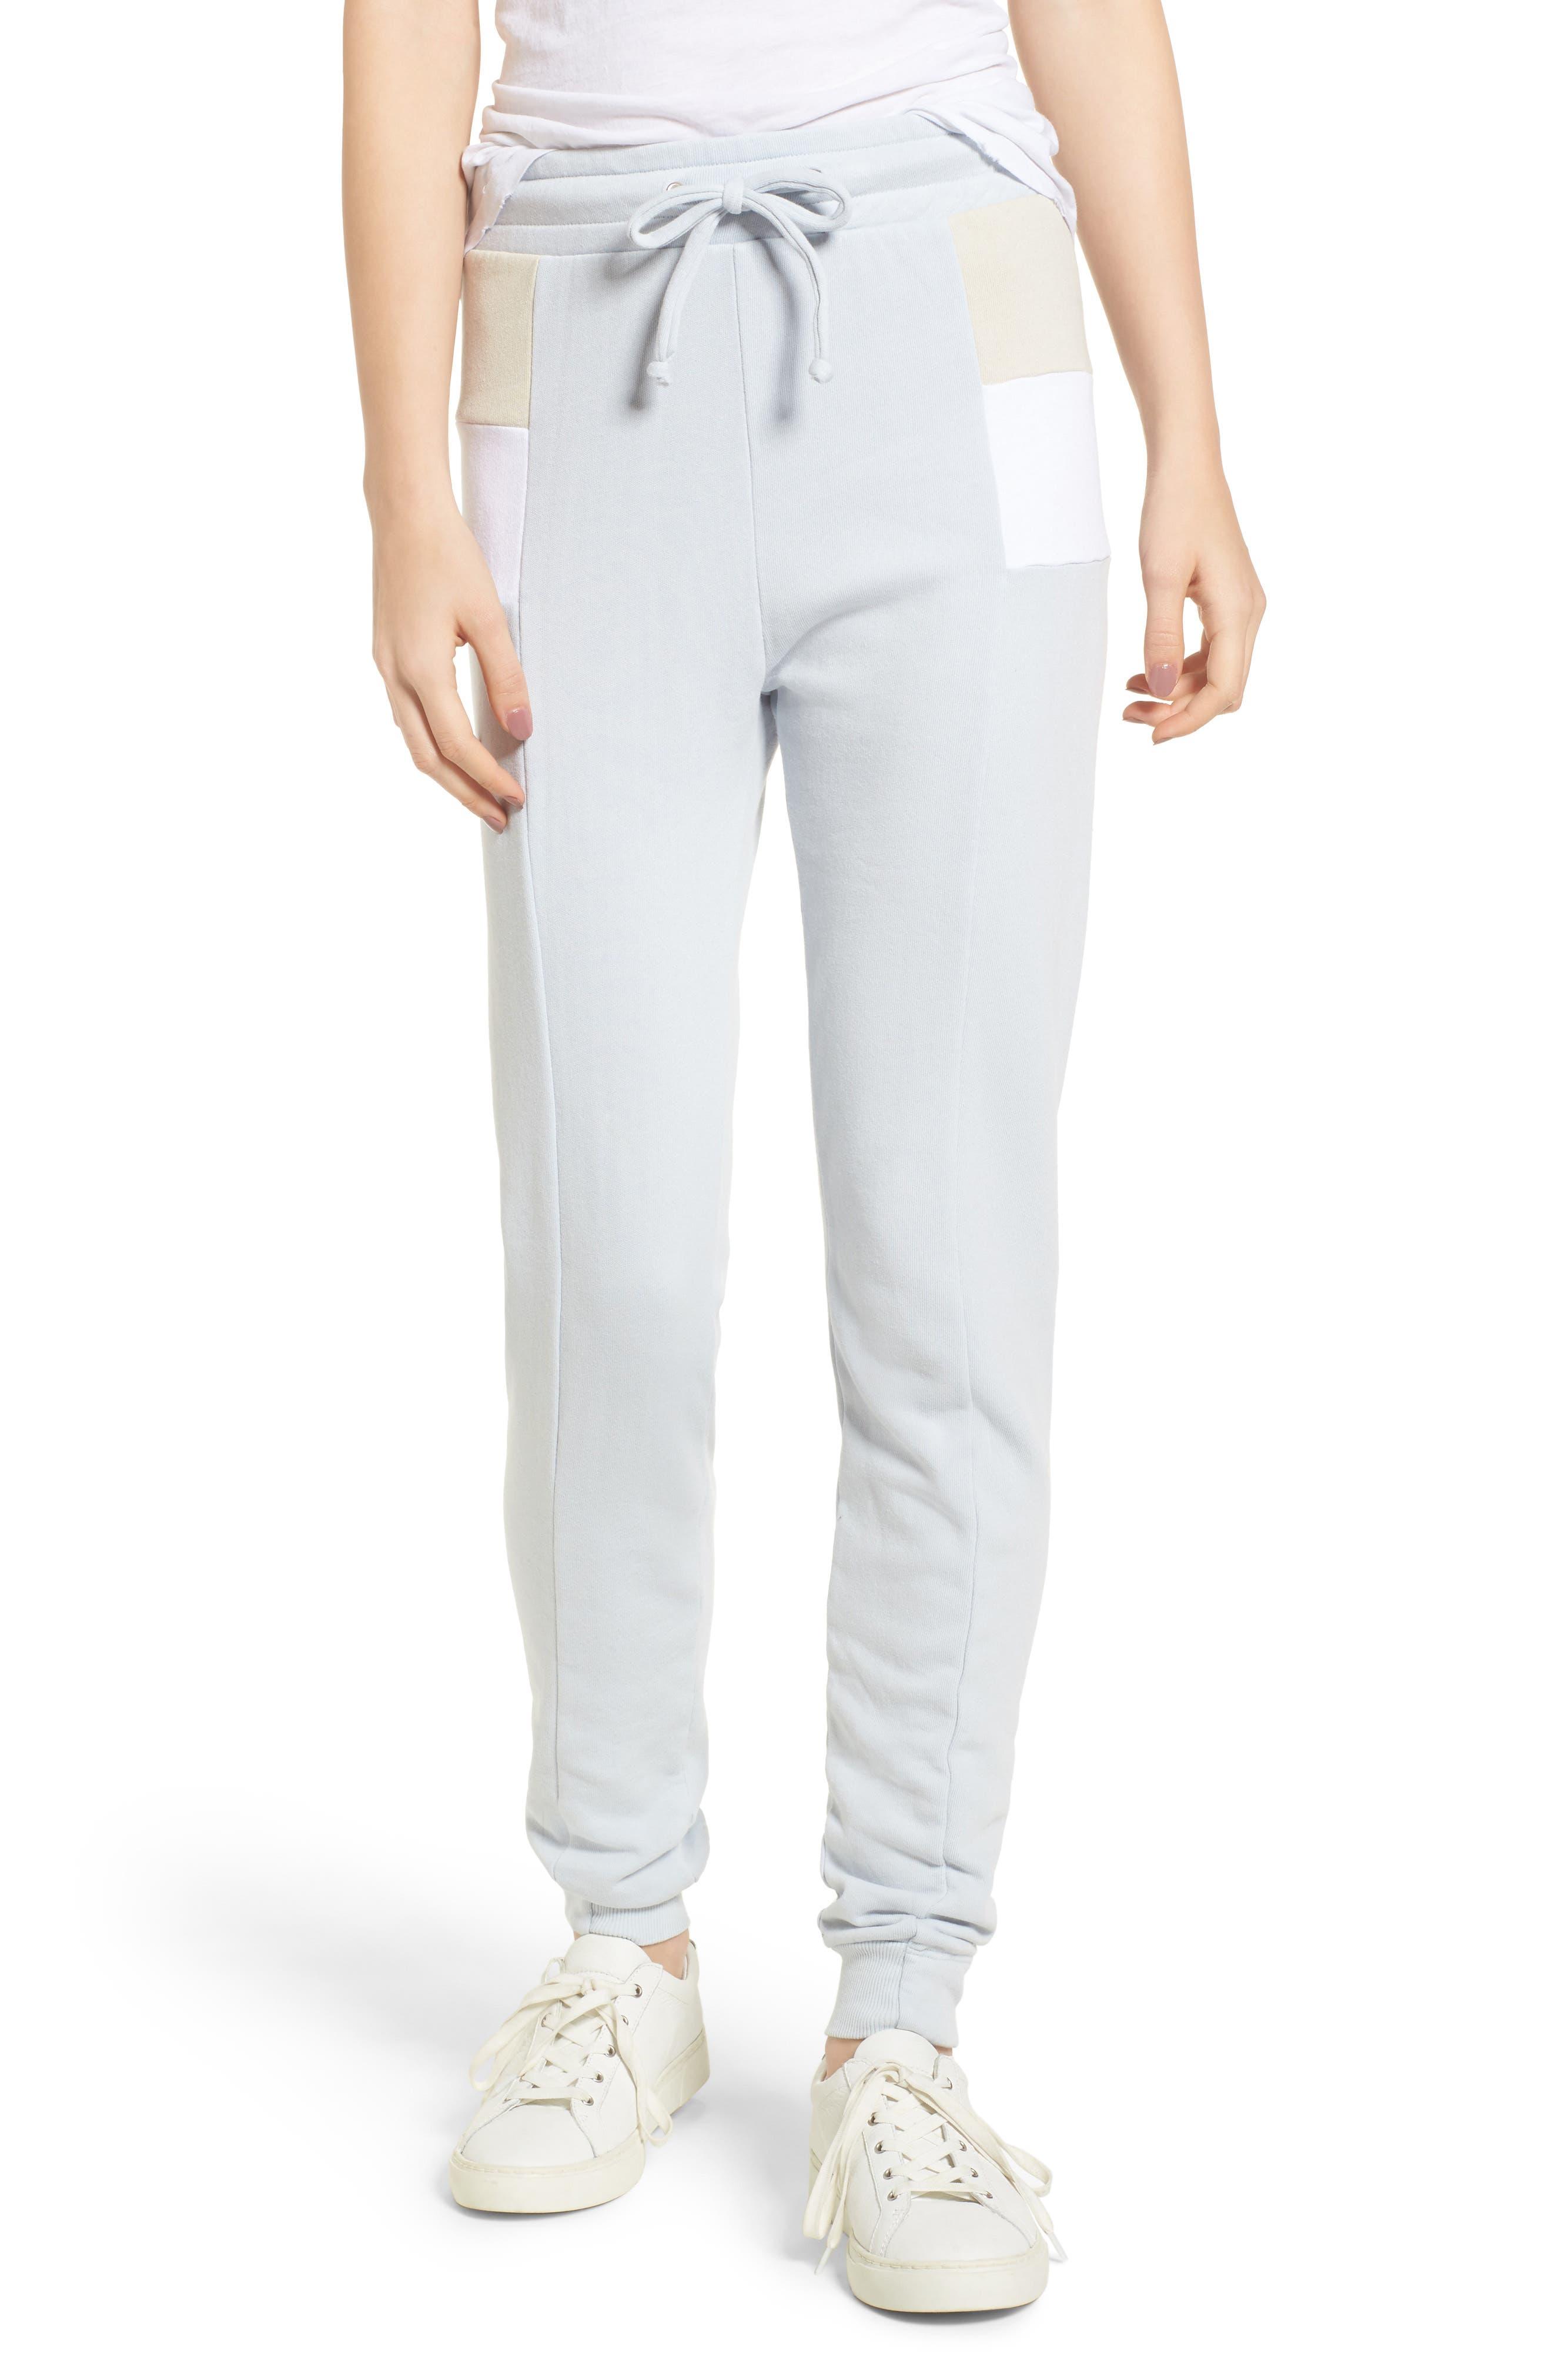 Sport Raina Jogger Pants,                         Main,                         color, Blue Ribbon Multi